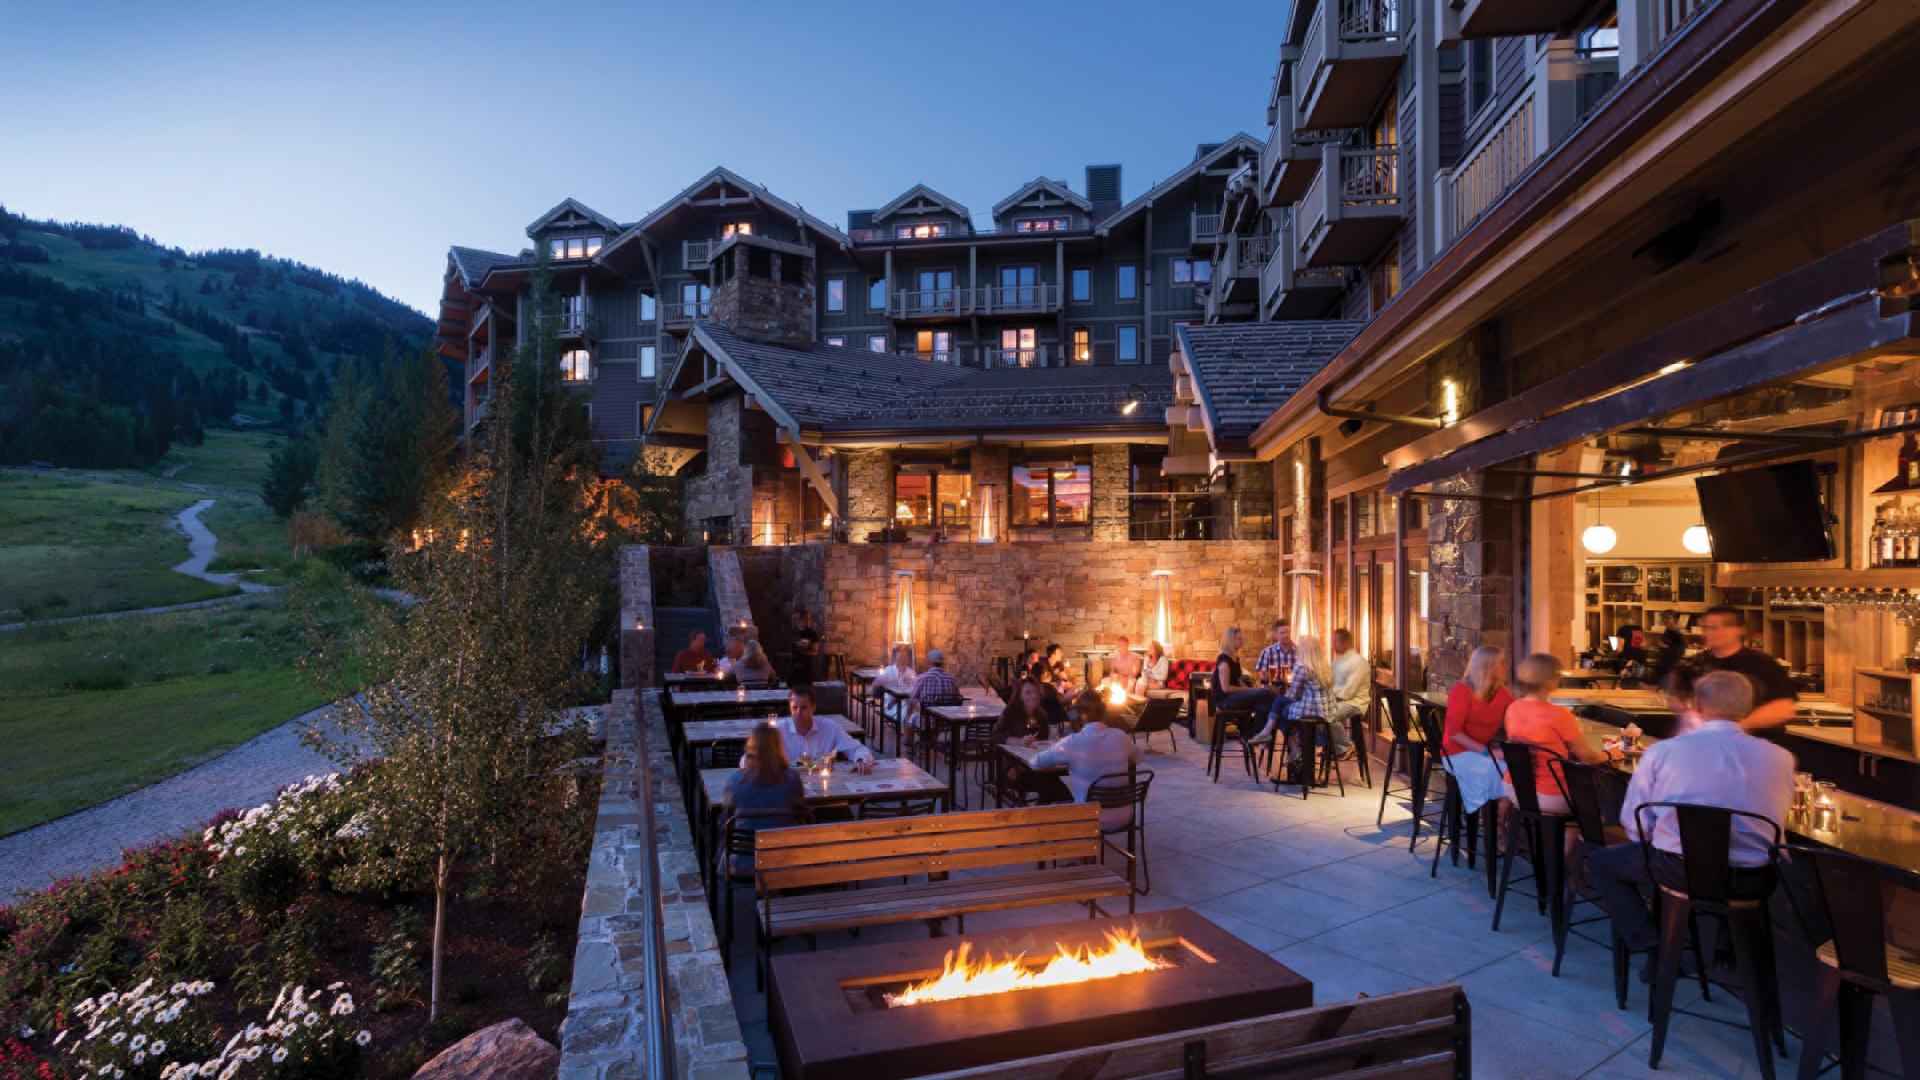 Best Restaurants In Teton Village Wy